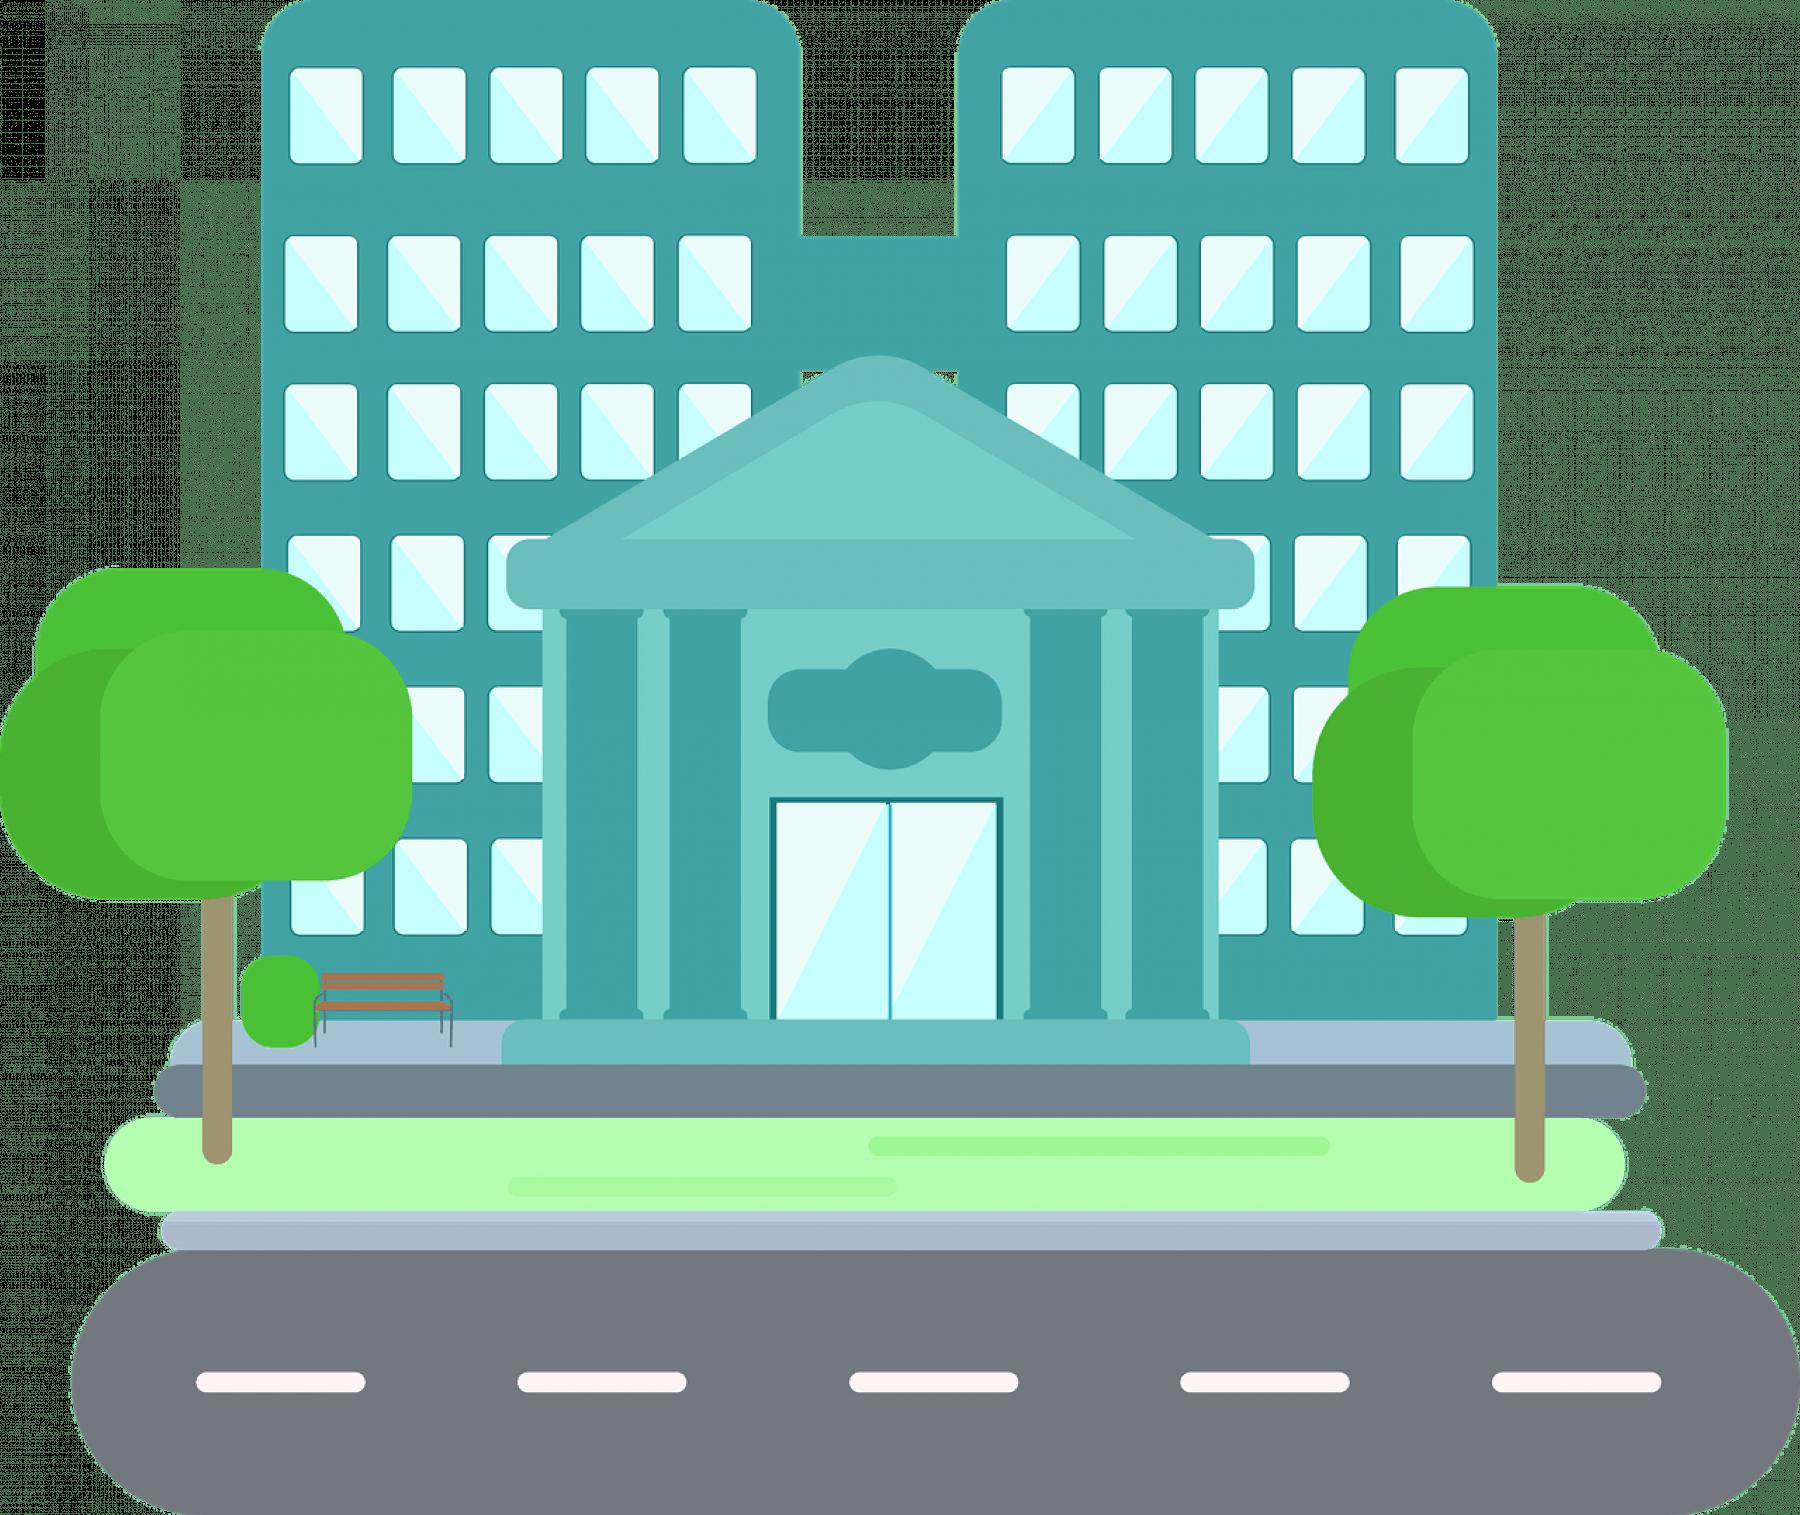 Tecknad bild av ett höghus med pampig ingång